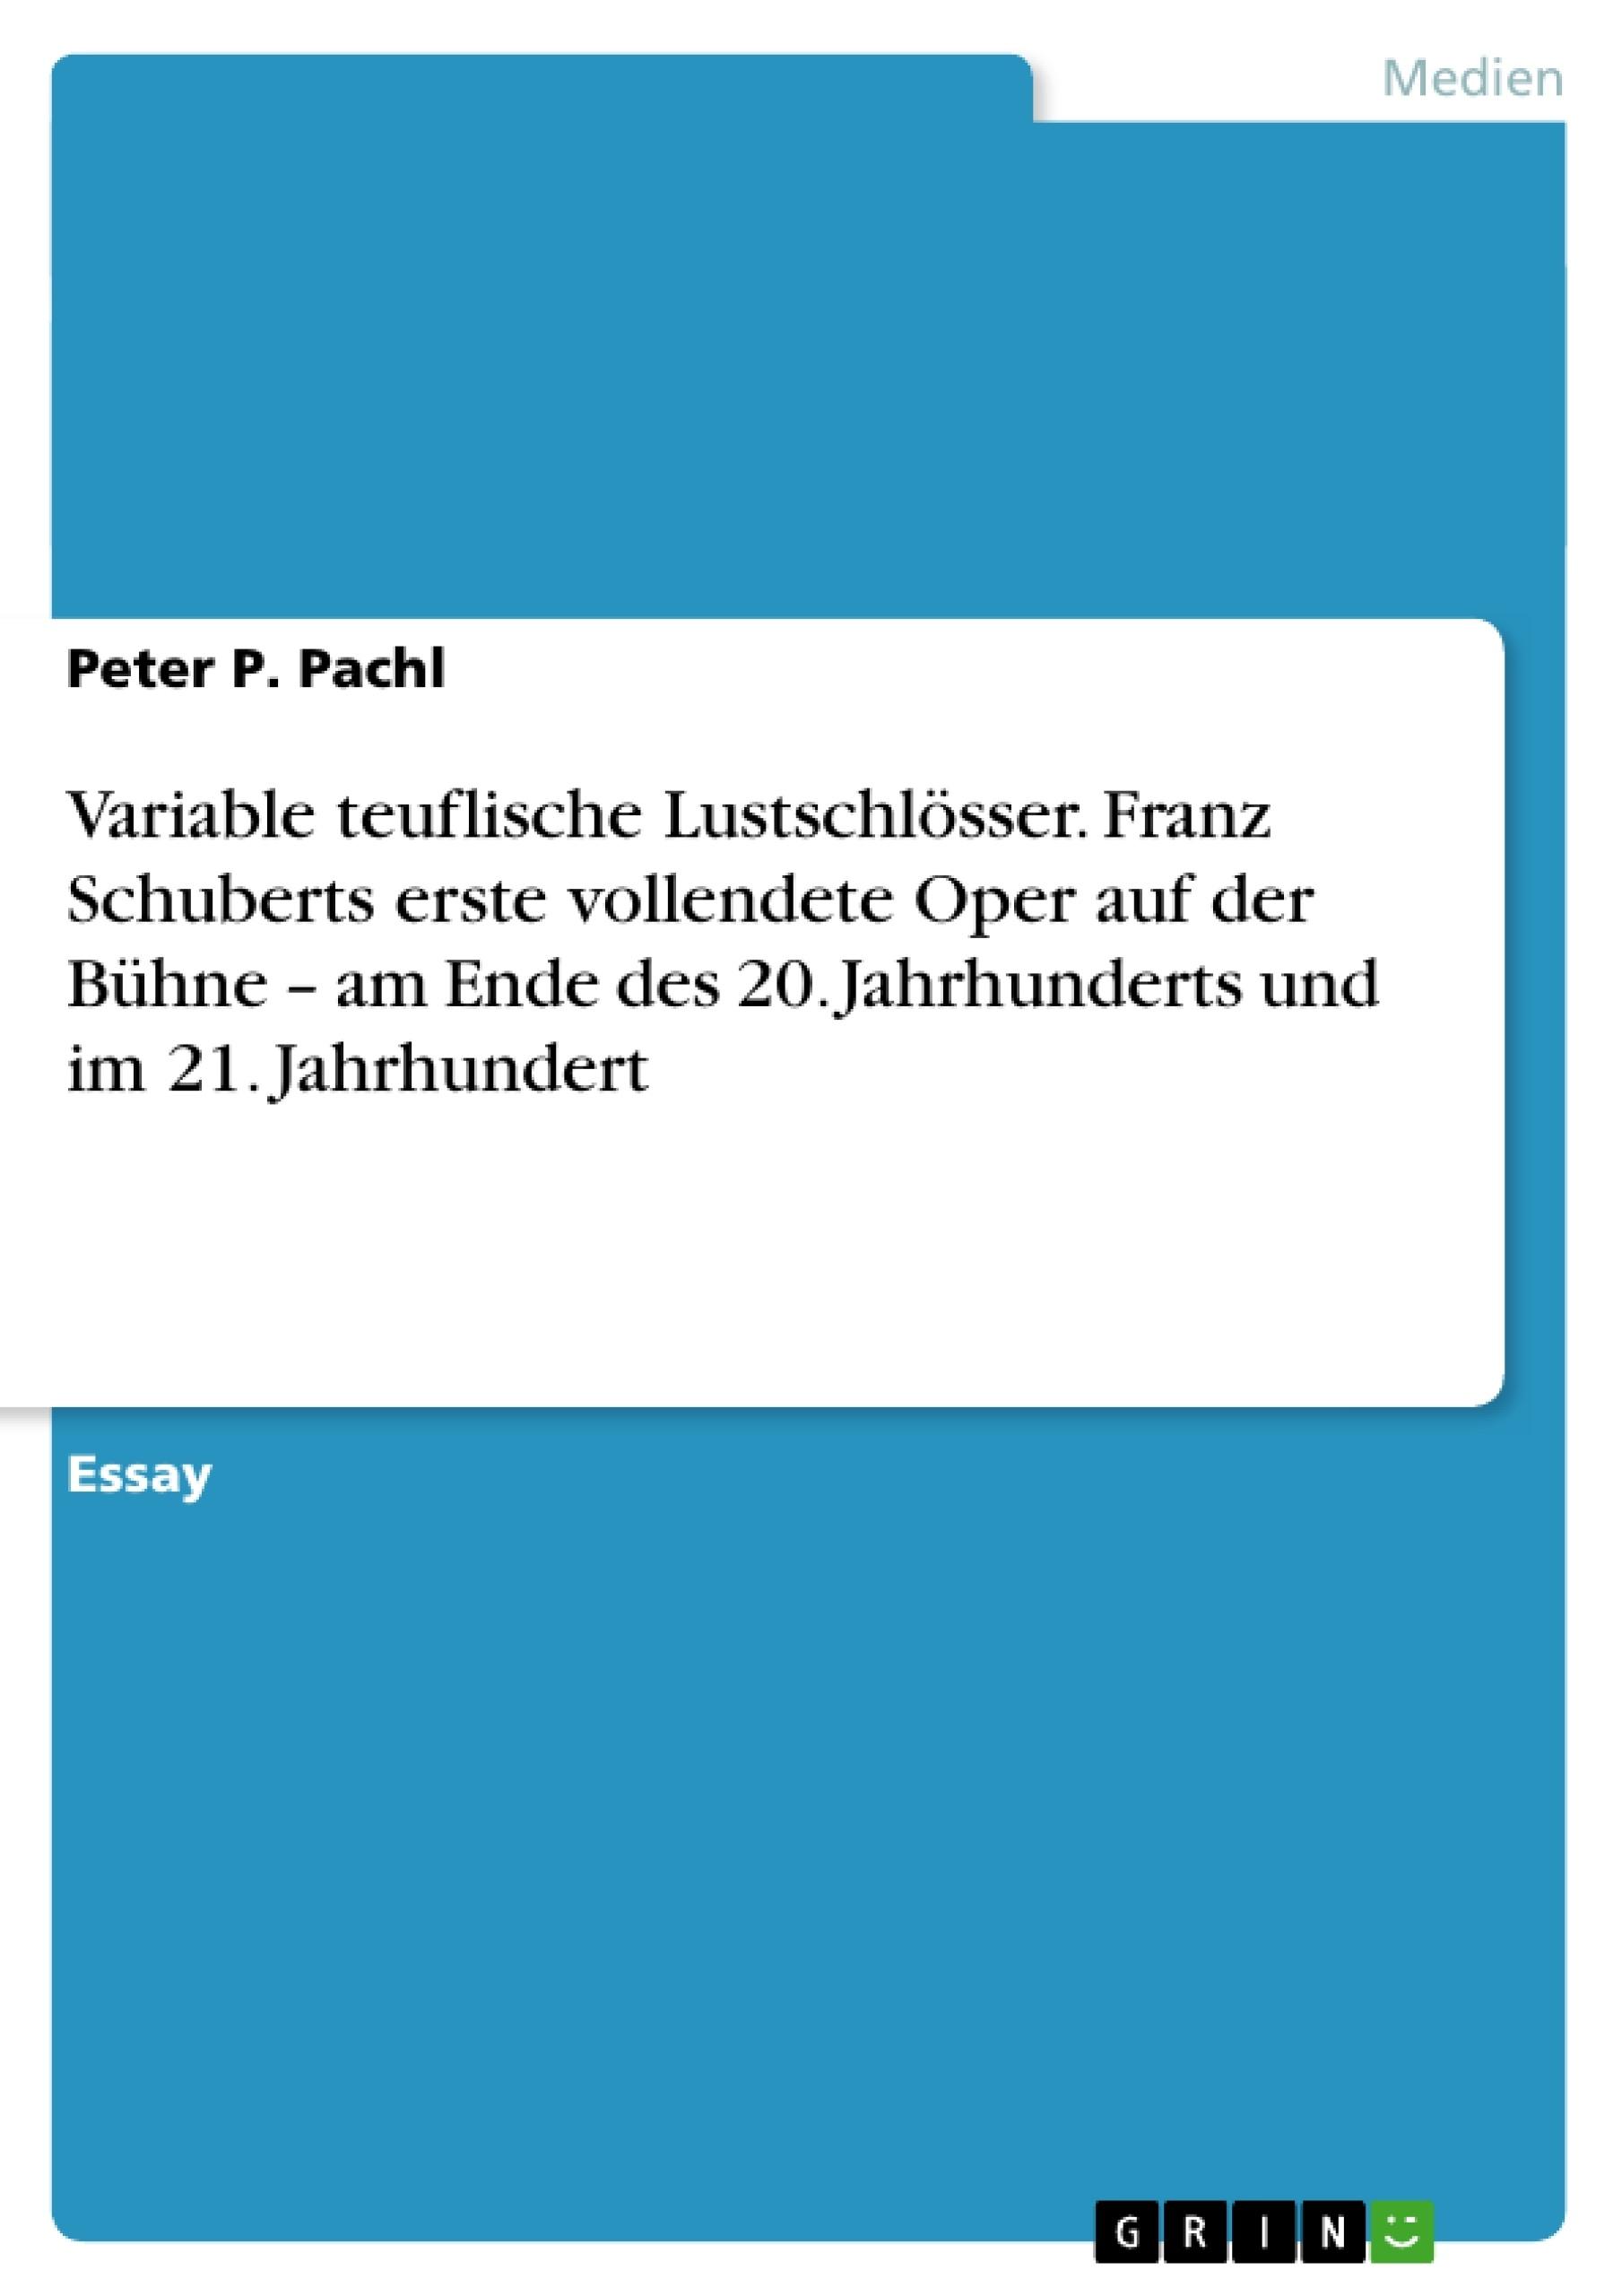 Titel: Variable teuflische Lustschlösser. Franz Schuberts erste vollendete Oper auf der Bühne – am Ende des 20. Jahrhunderts und im 21. Jahrhundert